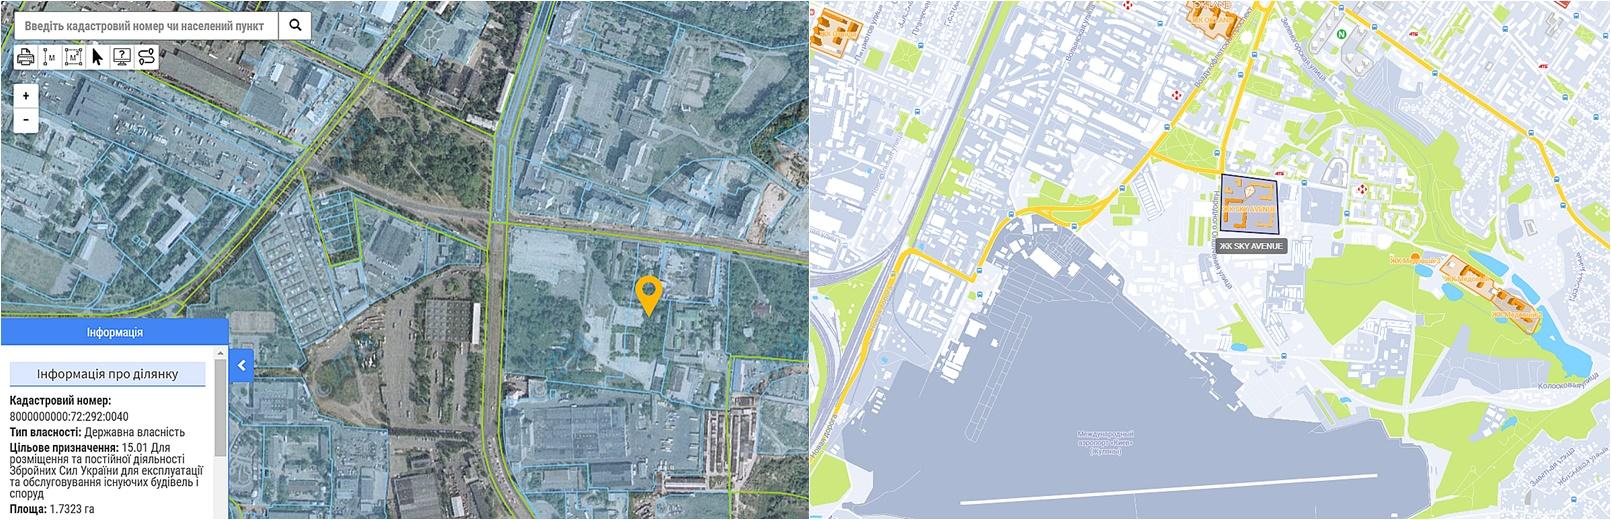 ЖК Скай Авеню новая очередь данные кадастра и на карте